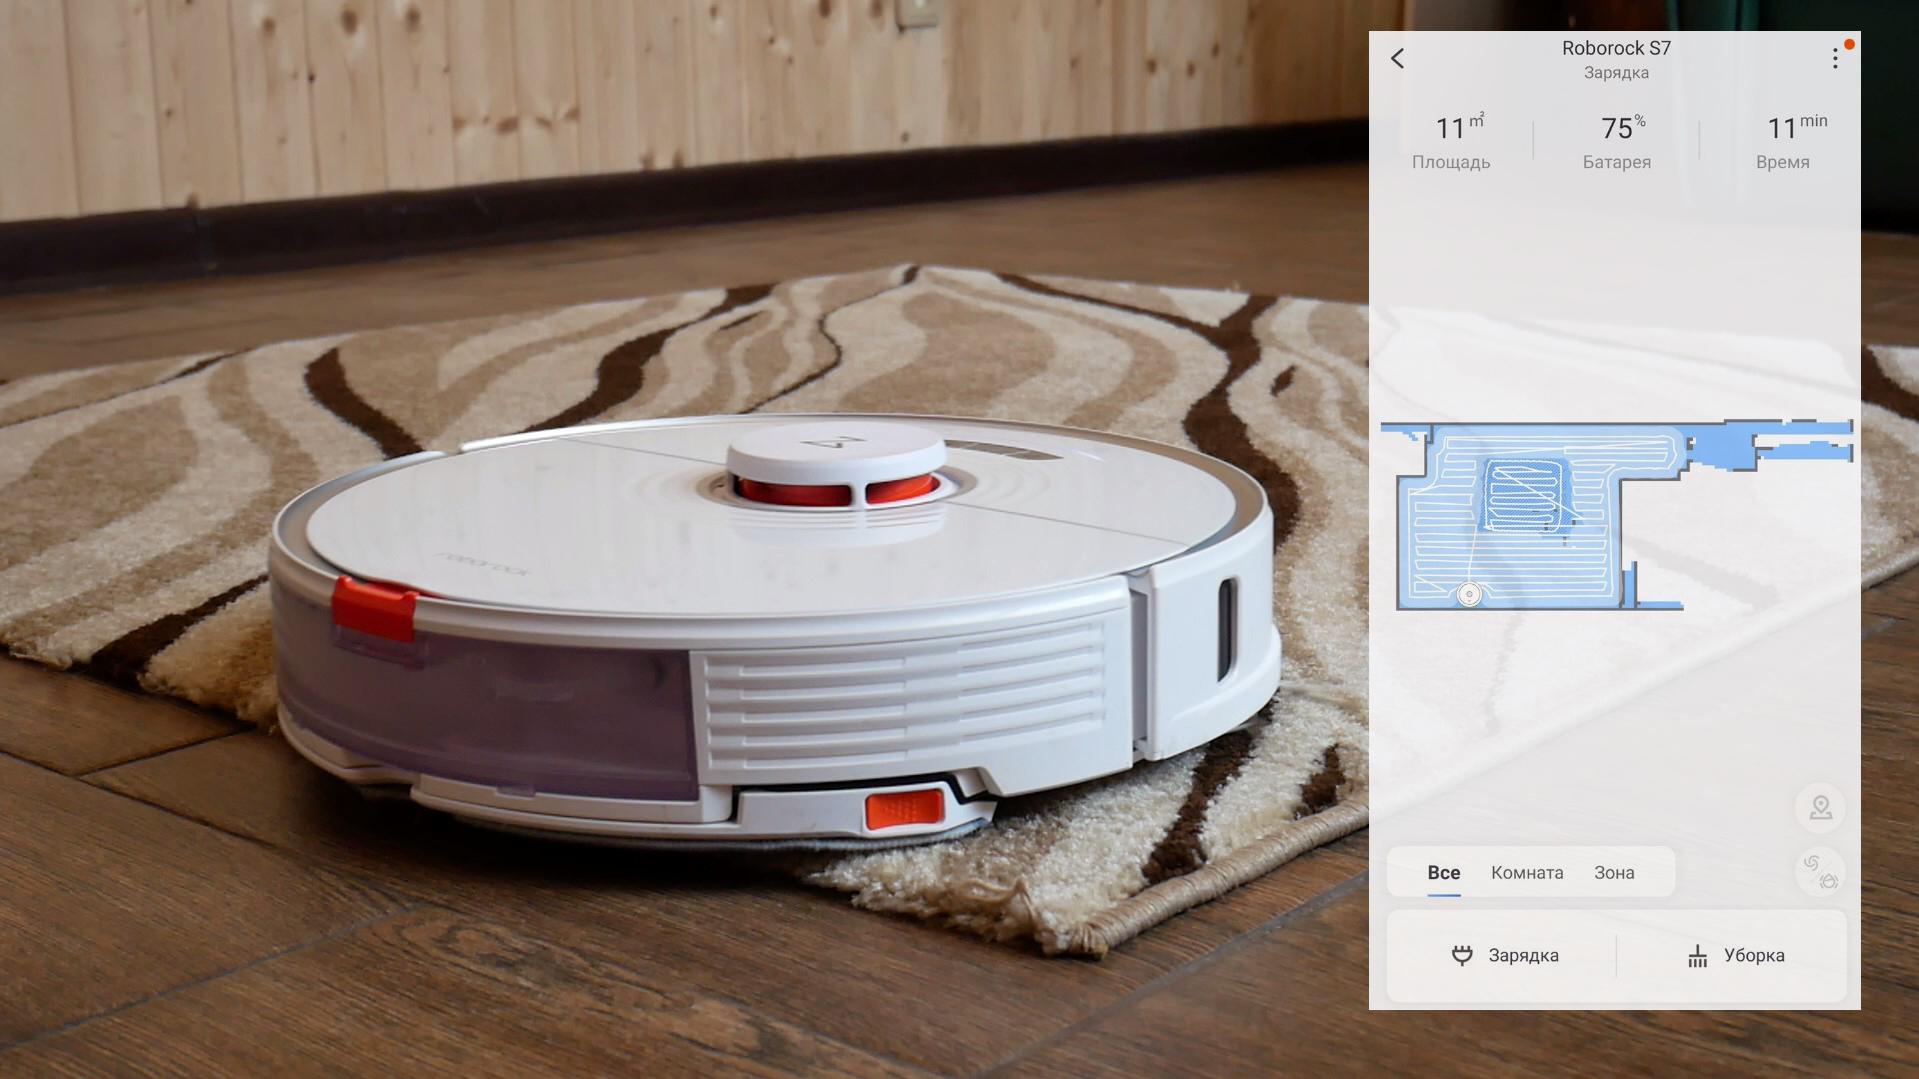 робот пылесос roborock xiaomi s7 русская версия - отзывы